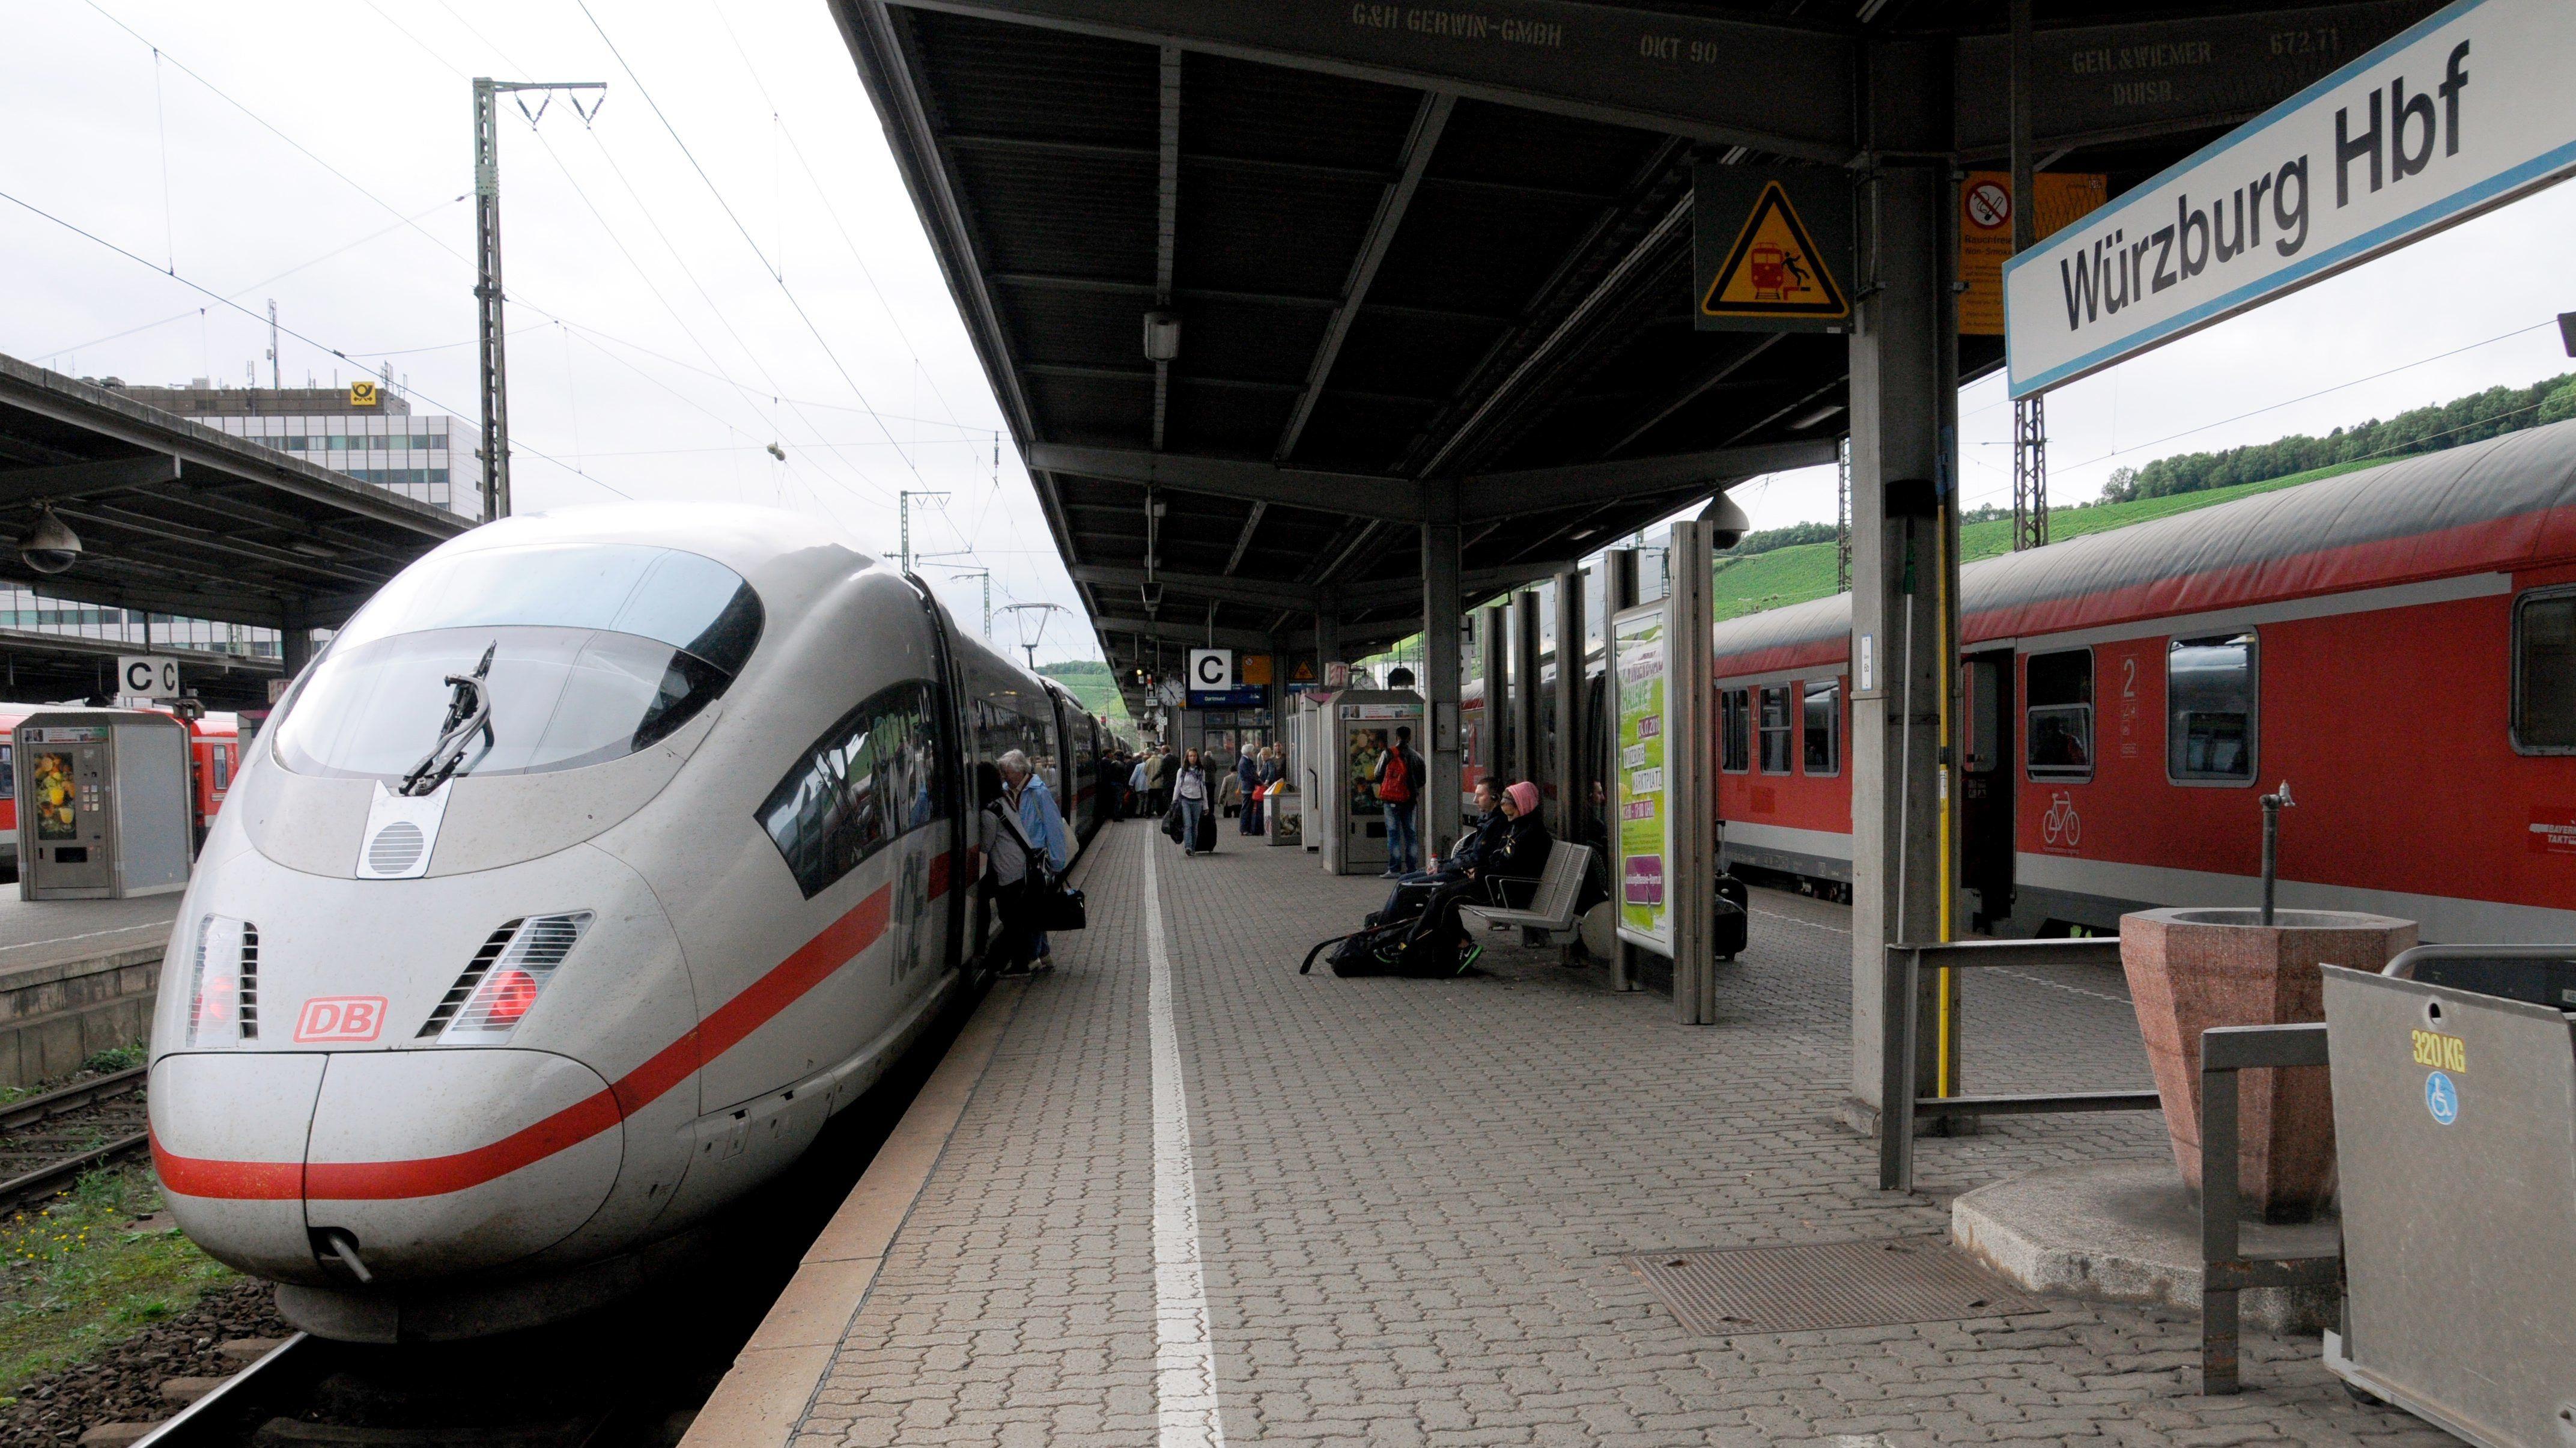 Ein ICE steht auf einem Gleis am Würzburger Hauptbahnhof.